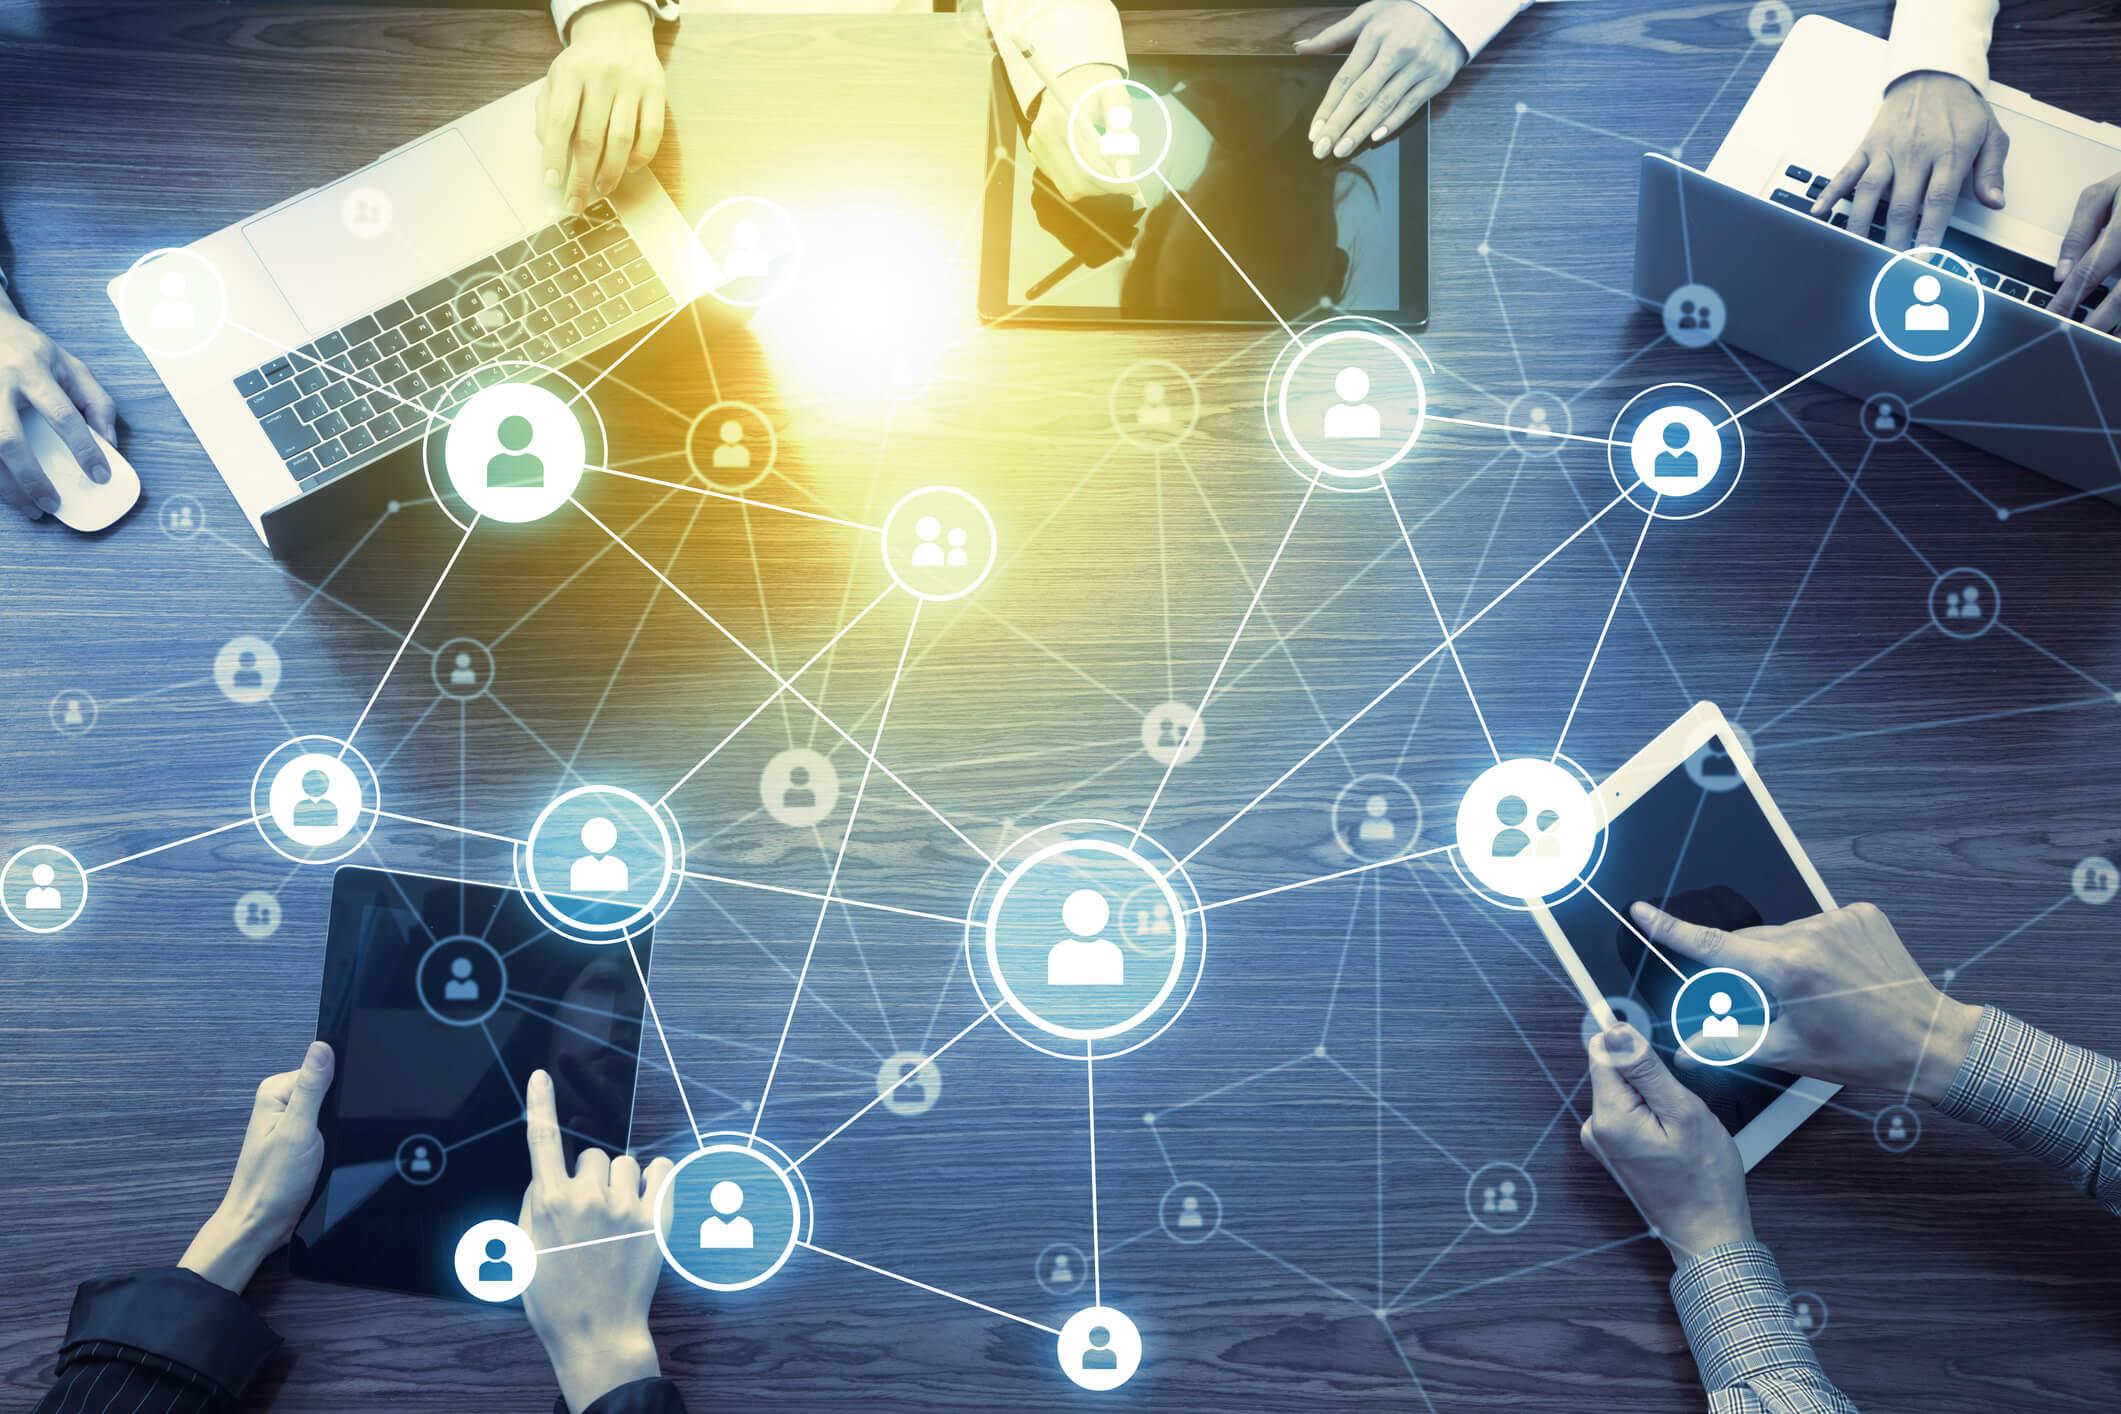 中堅企業における情報システムの内情